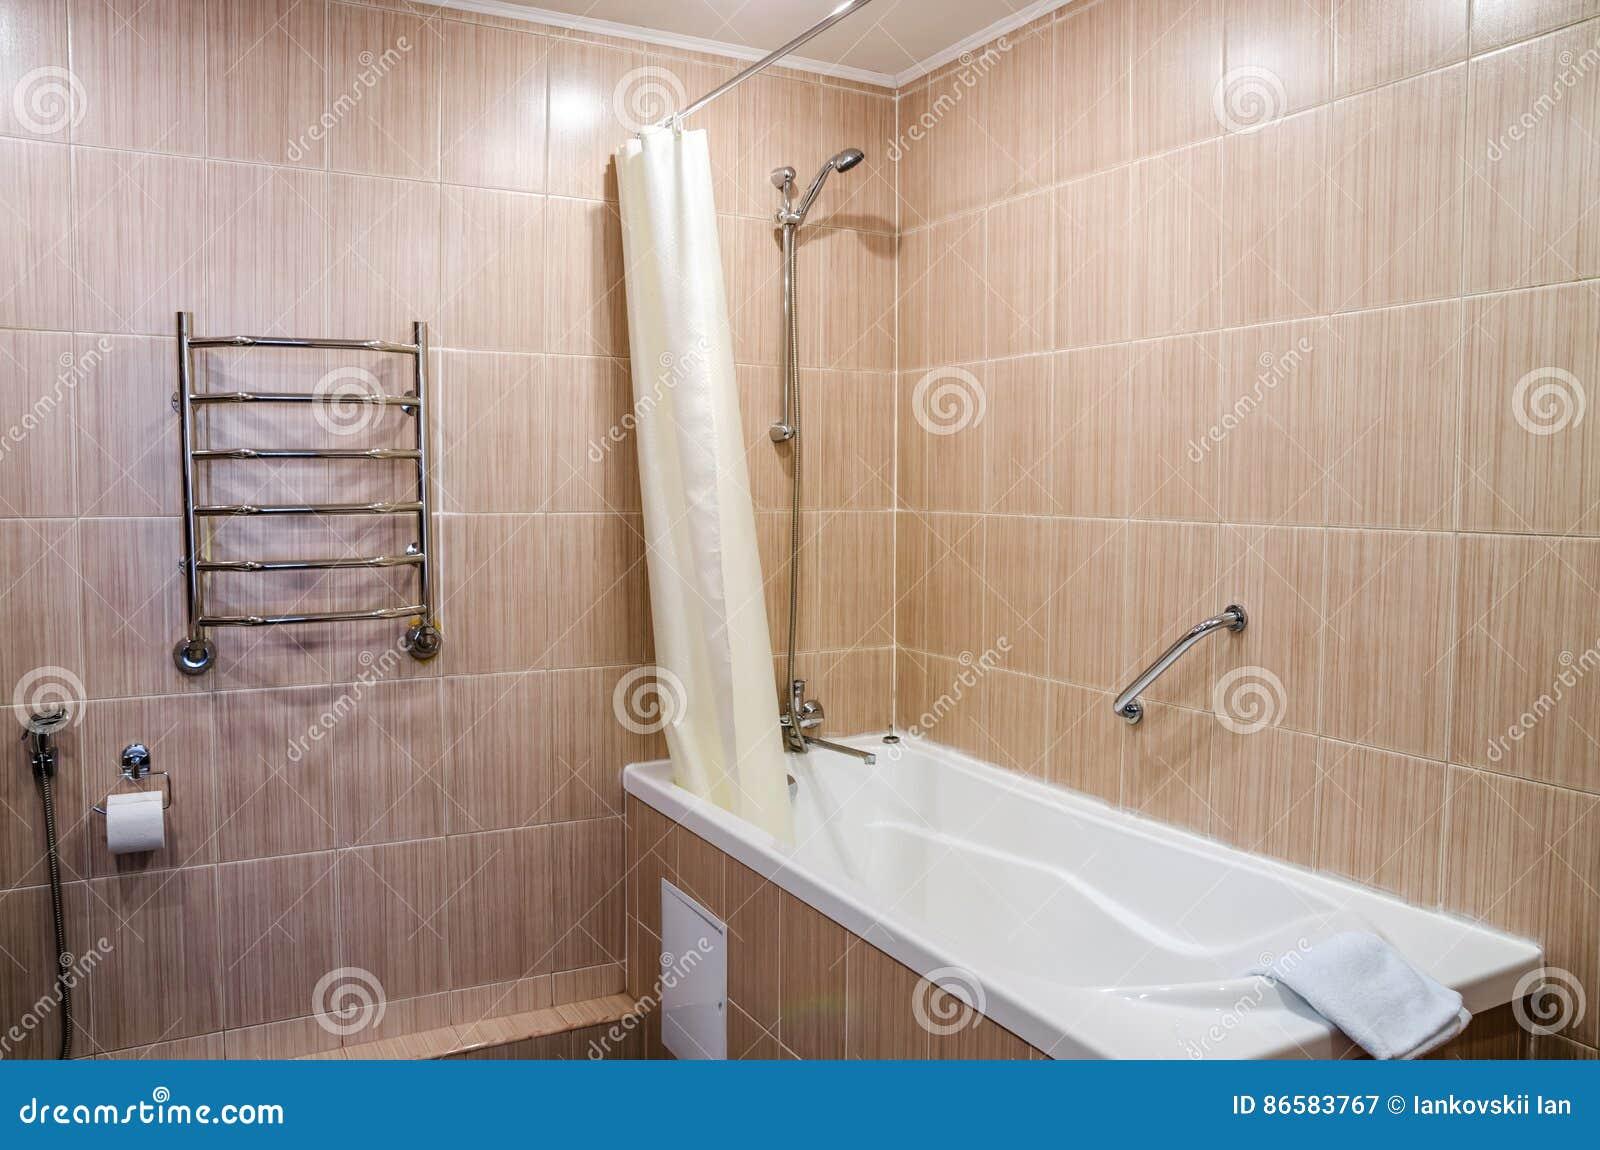 salle de bains dans des couleurs chaudes avec une toilette une baignoire un hairdryer un miroir un dessiccateur pour des vtements un bidet et un